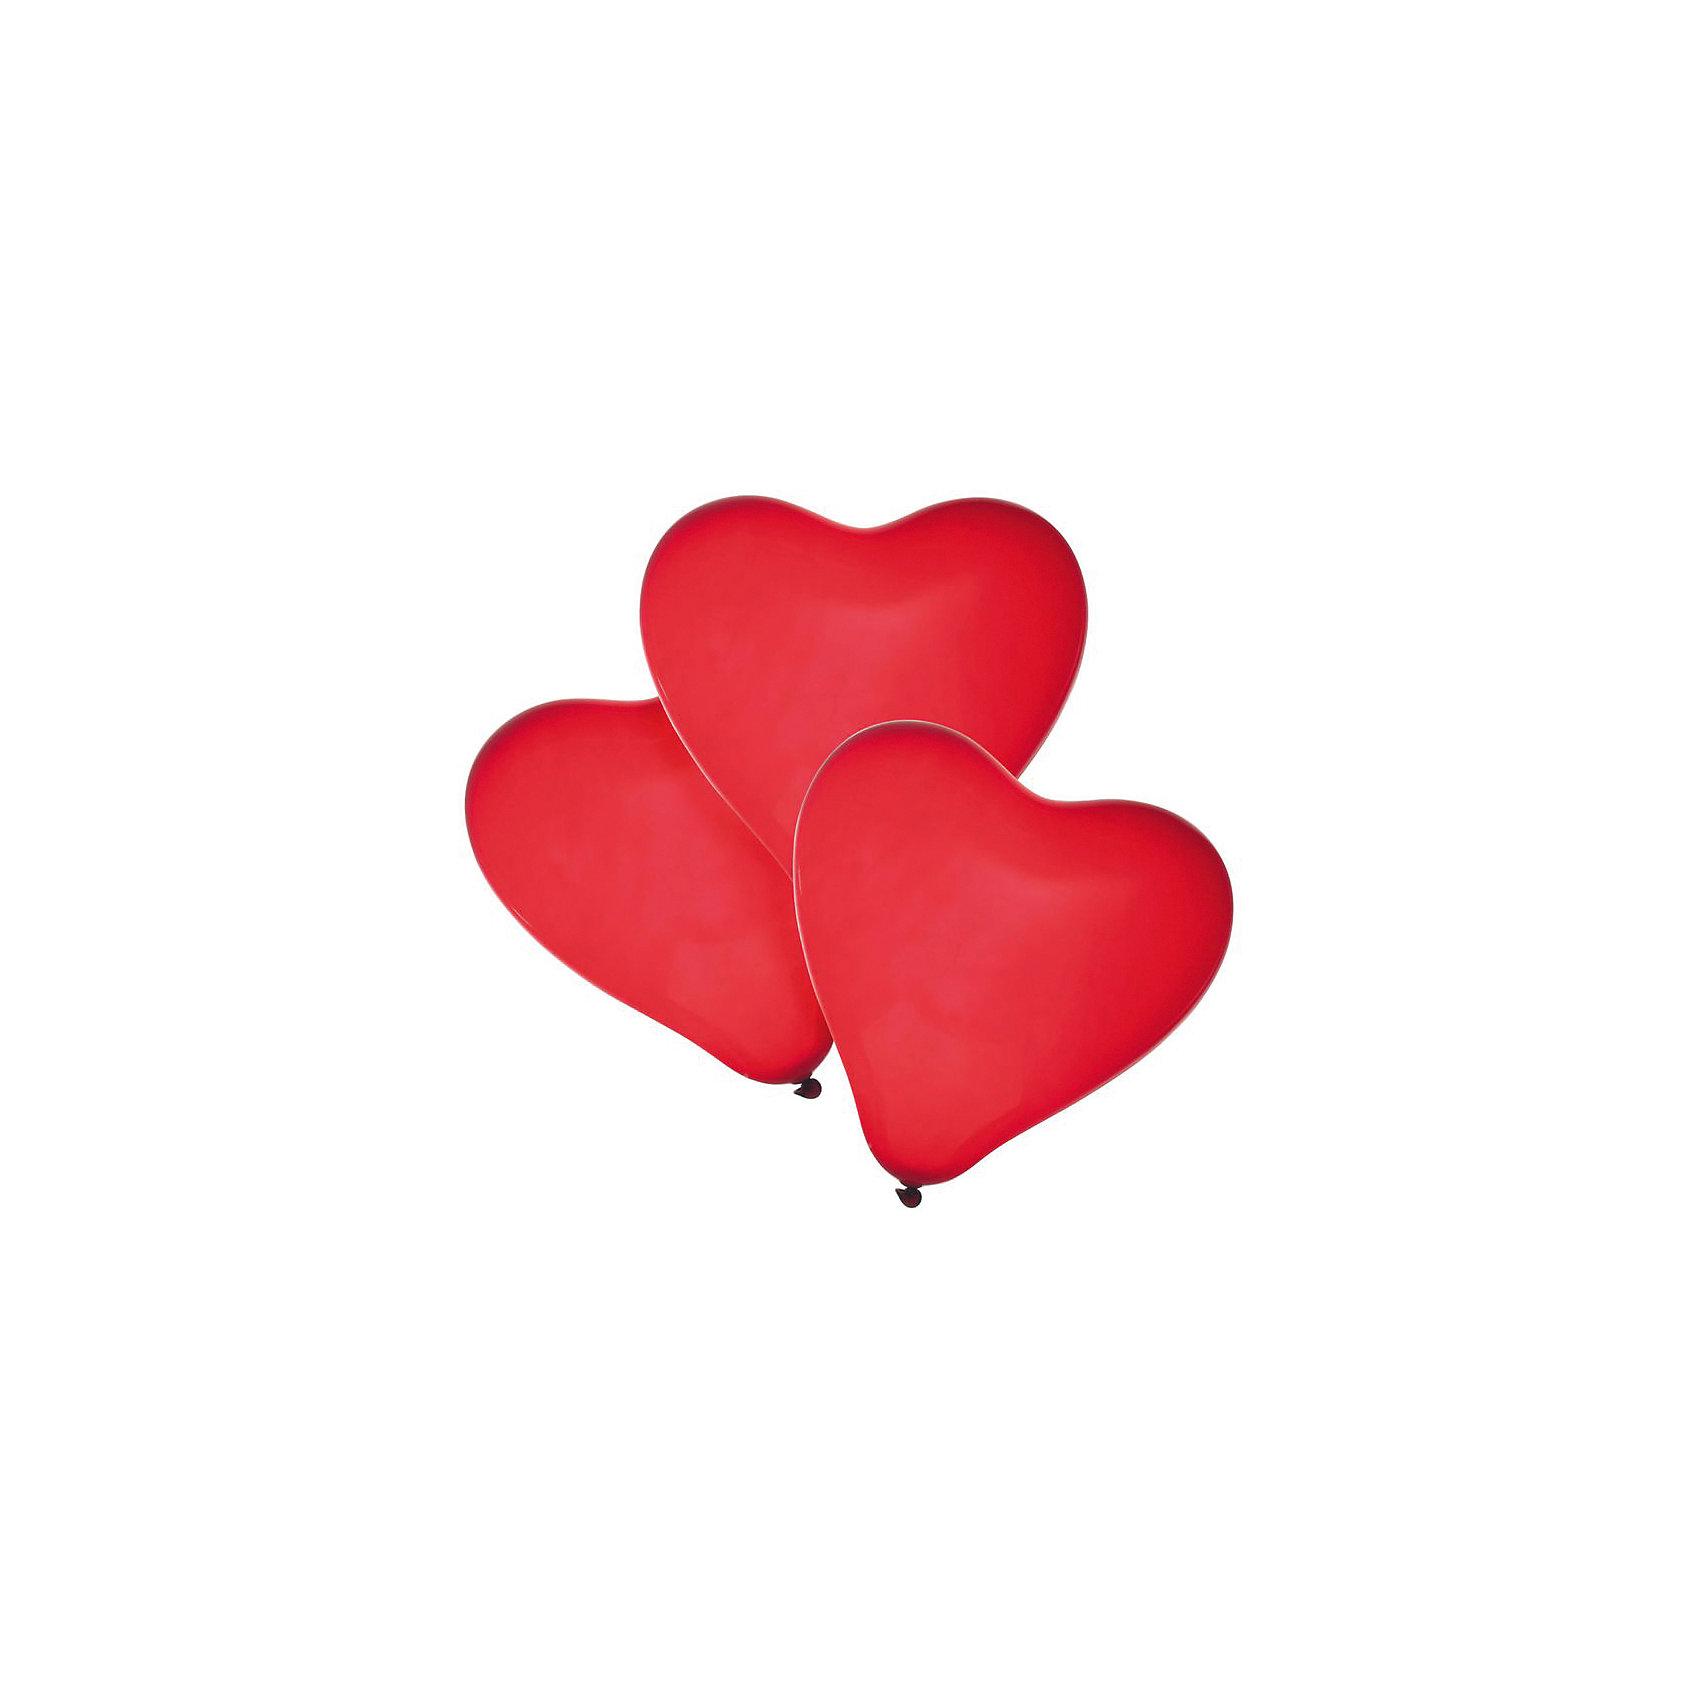 Шары воздушные Сердце, 4 штВсё для праздника<br>Характеристики товара:<br><br>• возраст: от 3 лет<br>• цвет: красный<br>• материал: биоразлагаемый латекс<br>• размер упаковки: 3х13х20 см<br>•  для надувания гелием или воздухом<br>• комплектация: 4 шт<br>• вес: 20 г<br>• страна бренда: Германия<br>• страна изготовитель: Германия<br><br>Ярко-красные воздушные шары в форме сердечек добавят красок и романтического настроения. Эти шарики подойдут для празднования дней рождений, свадеб и других торжественных случаев.<br><br>Изделие произведено из безопасного для детей материала.<br><br><br>Шары воздушные «Сердце», 4 шт от бренда Herlitz (Херлиц) можно купить в нашем интернет-магазине.<br><br>Ширина мм: 5<br>Глубина мм: 128<br>Высота мм: 200<br>Вес г: 19<br>Возраст от месяцев: 36<br>Возраст до месяцев: 2147483647<br>Пол: Унисекс<br>Возраст: Детский<br>SKU: 6886503